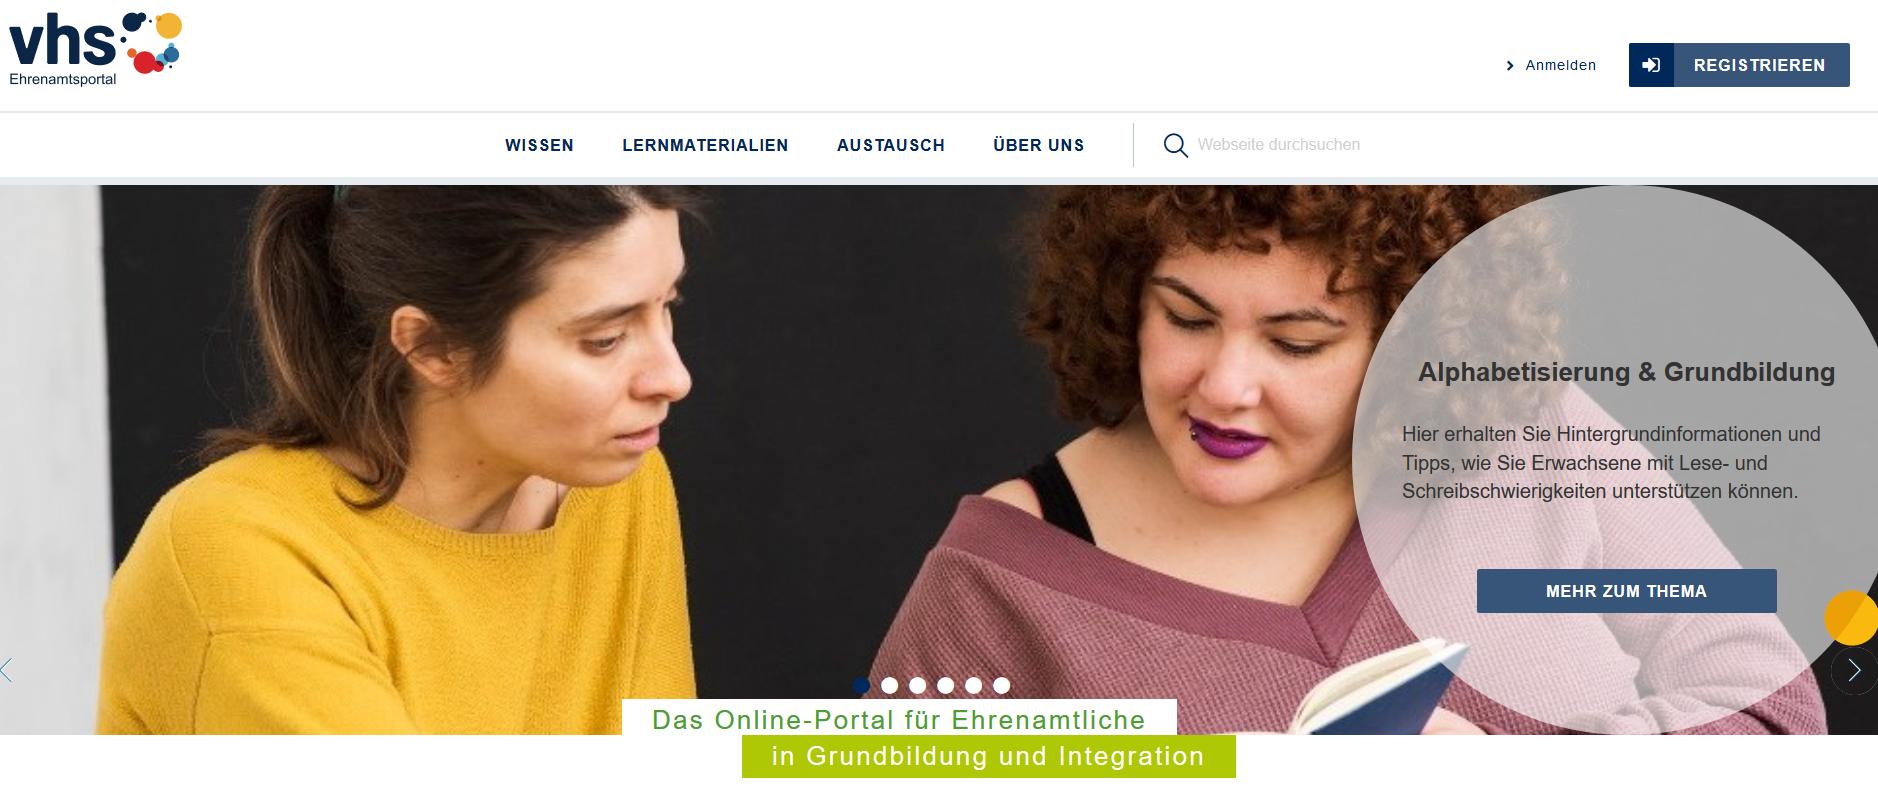 vhs-Ehrenamtsportal: neuer Look und neue Inhalte